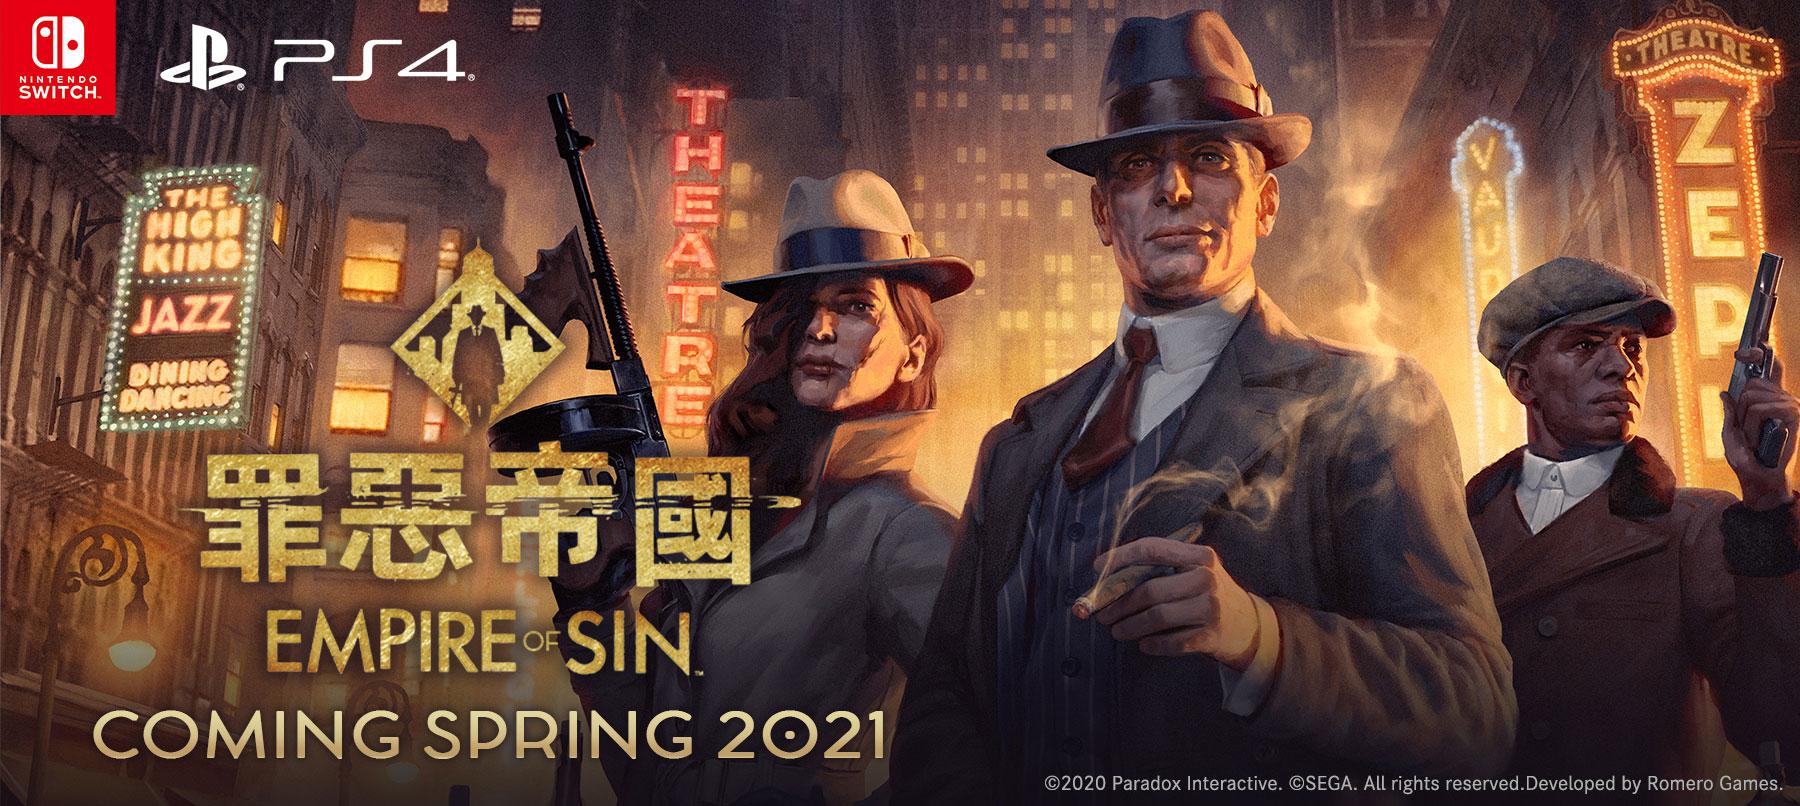 世嘉与P社合作 《罪恶帝国》PS4/NS中文版明年发售